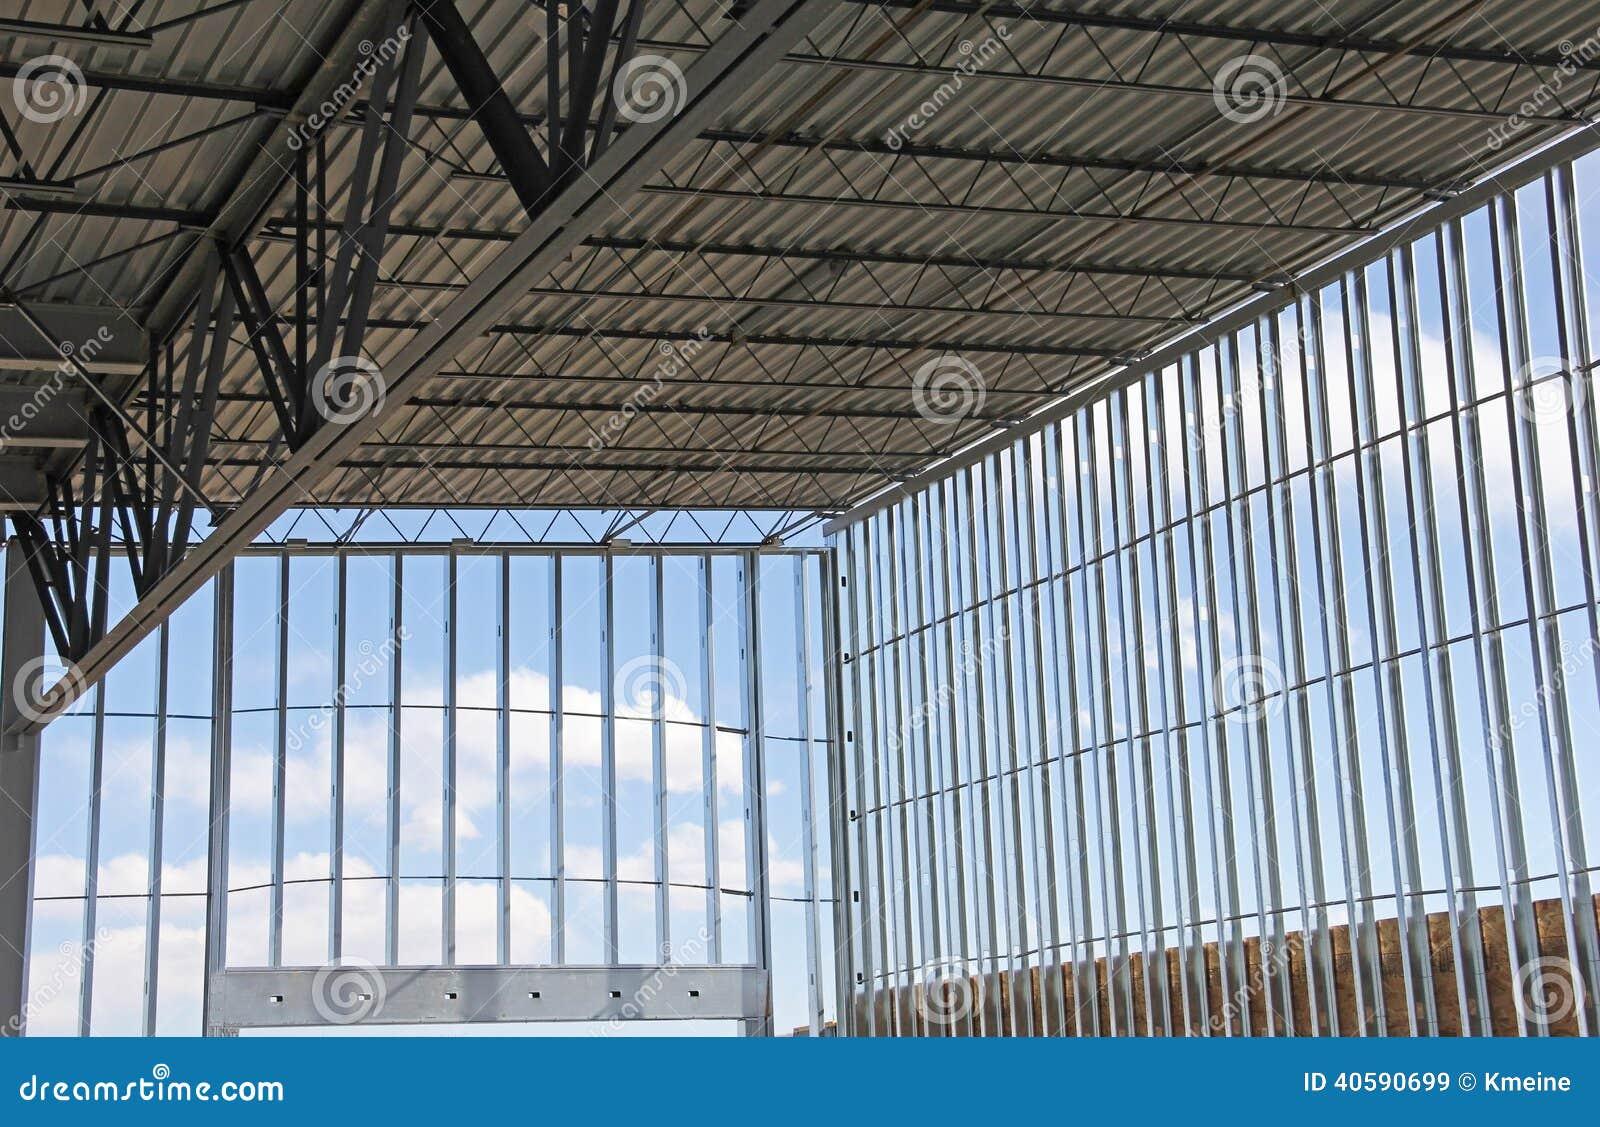 Lager-Gebäude Mit Stahlrahmen Stockbild - Bild von wände, aufbau ...